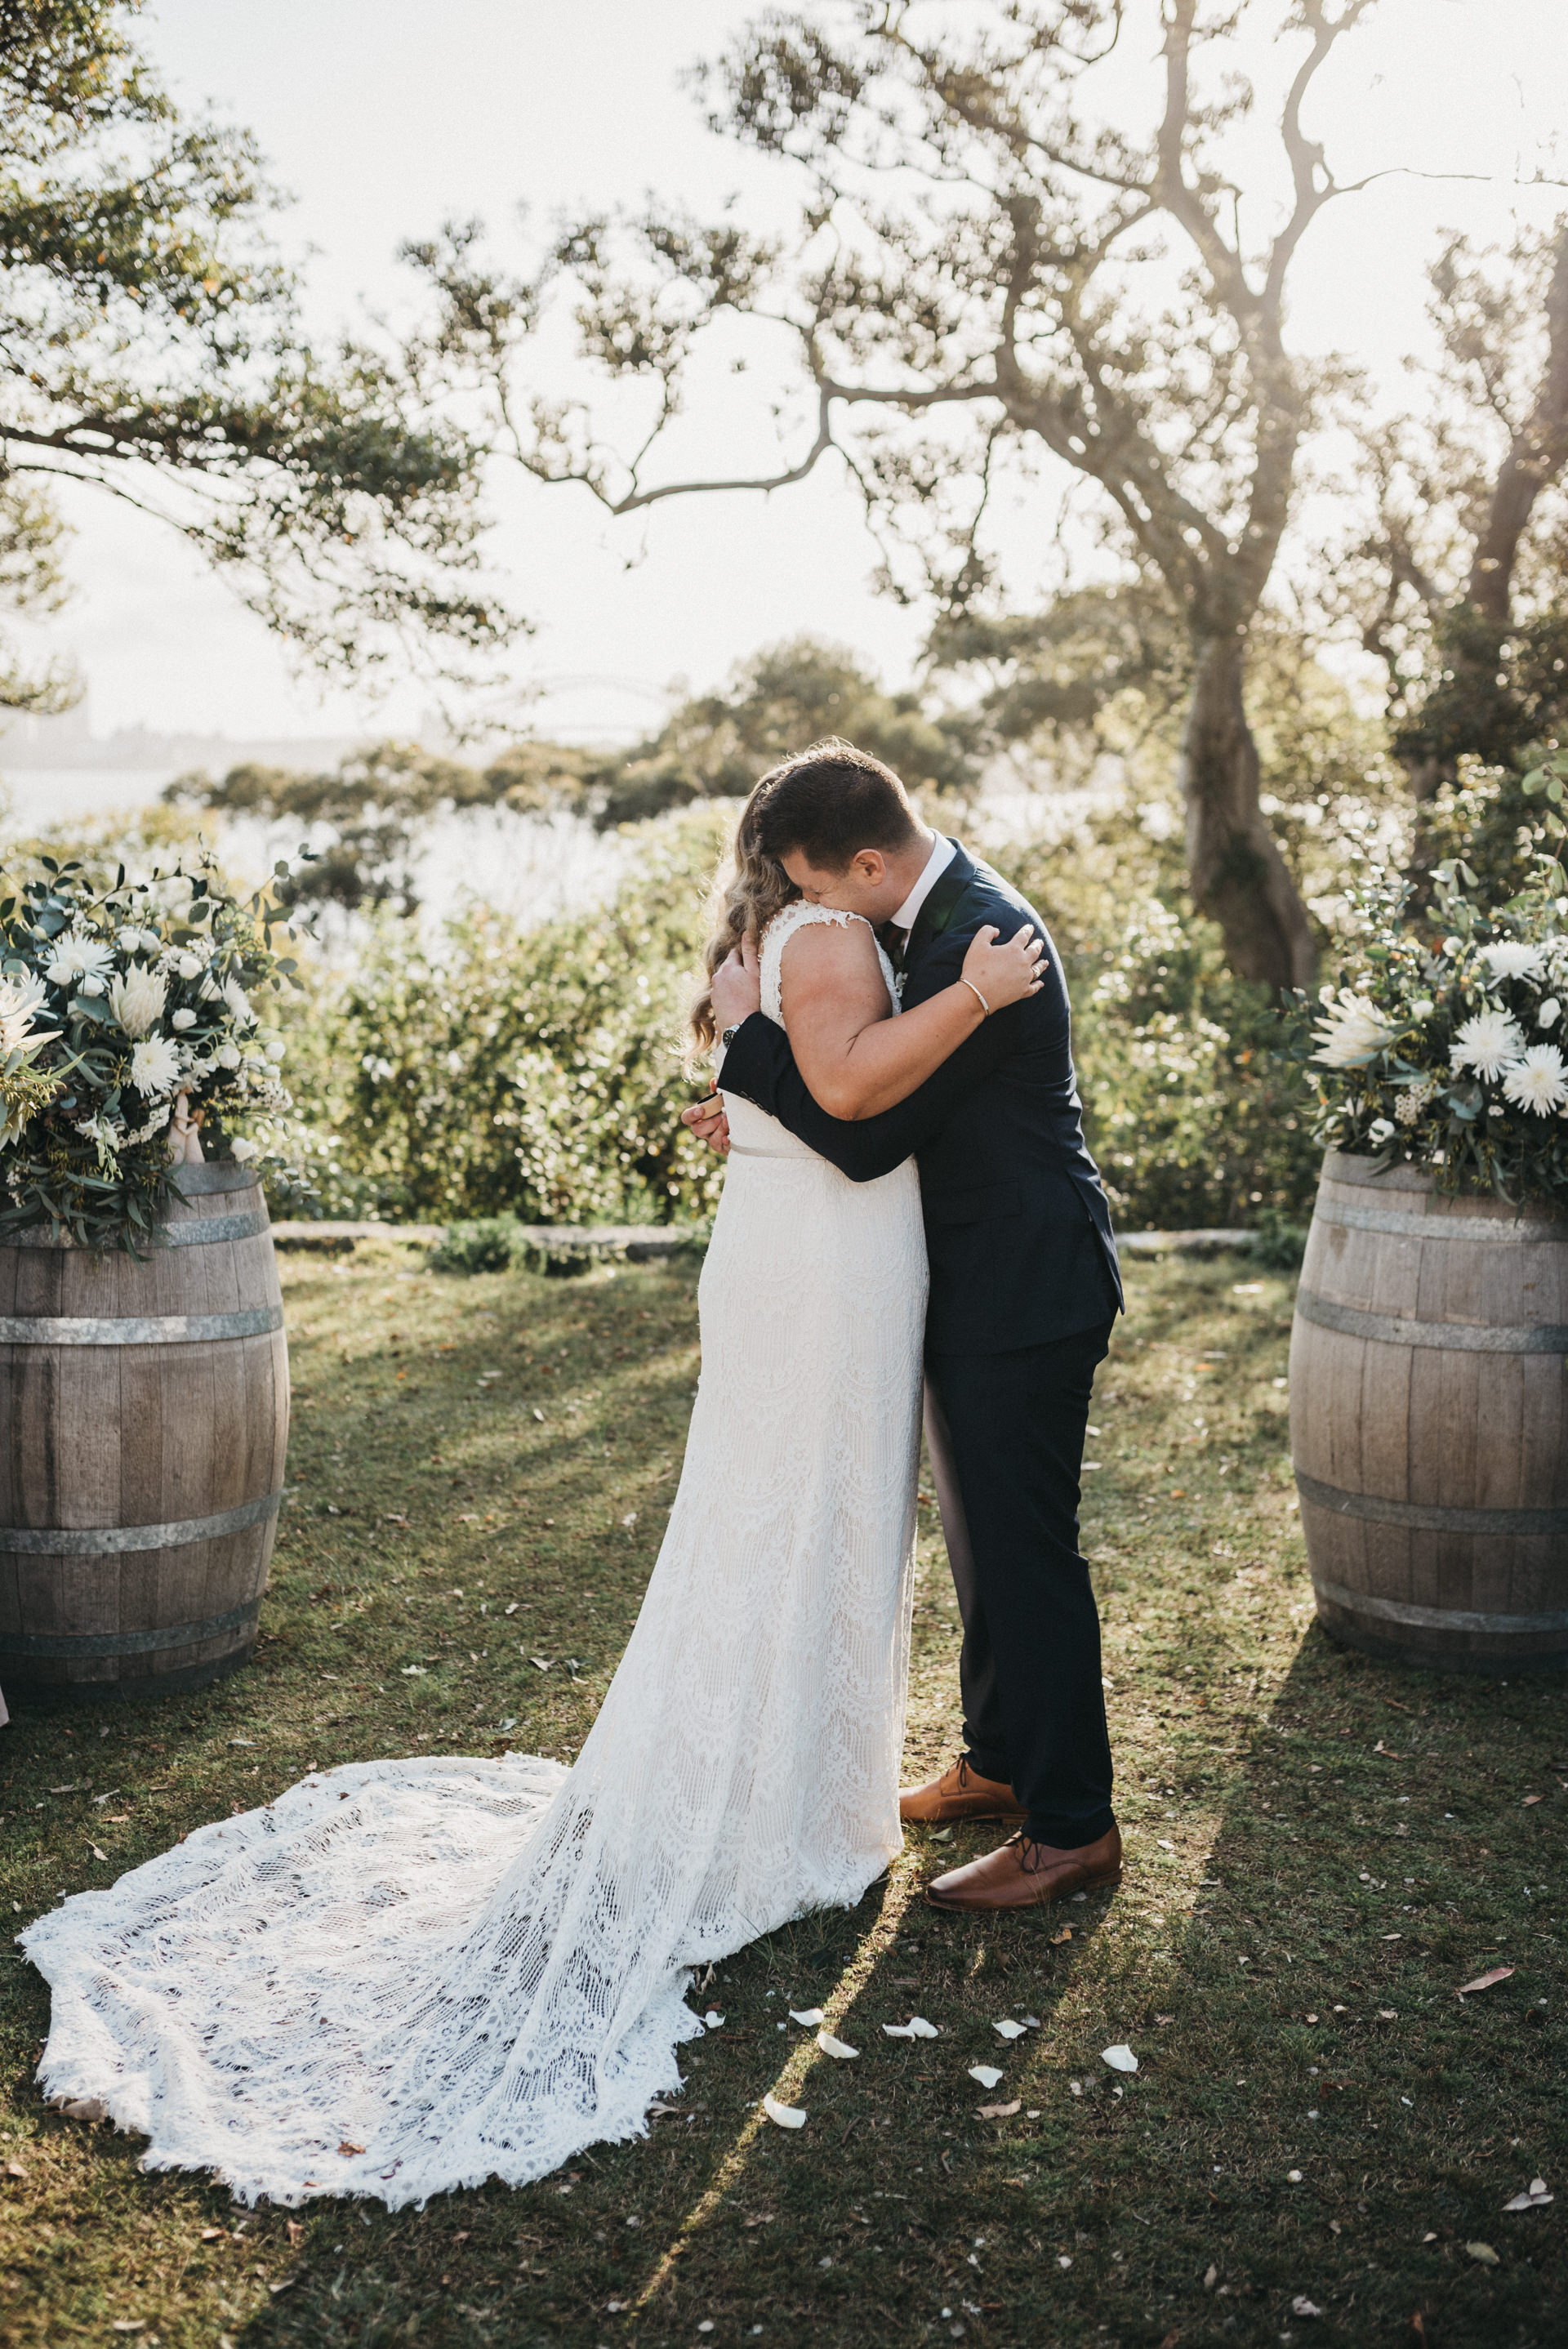 outdoors wedding ceremony